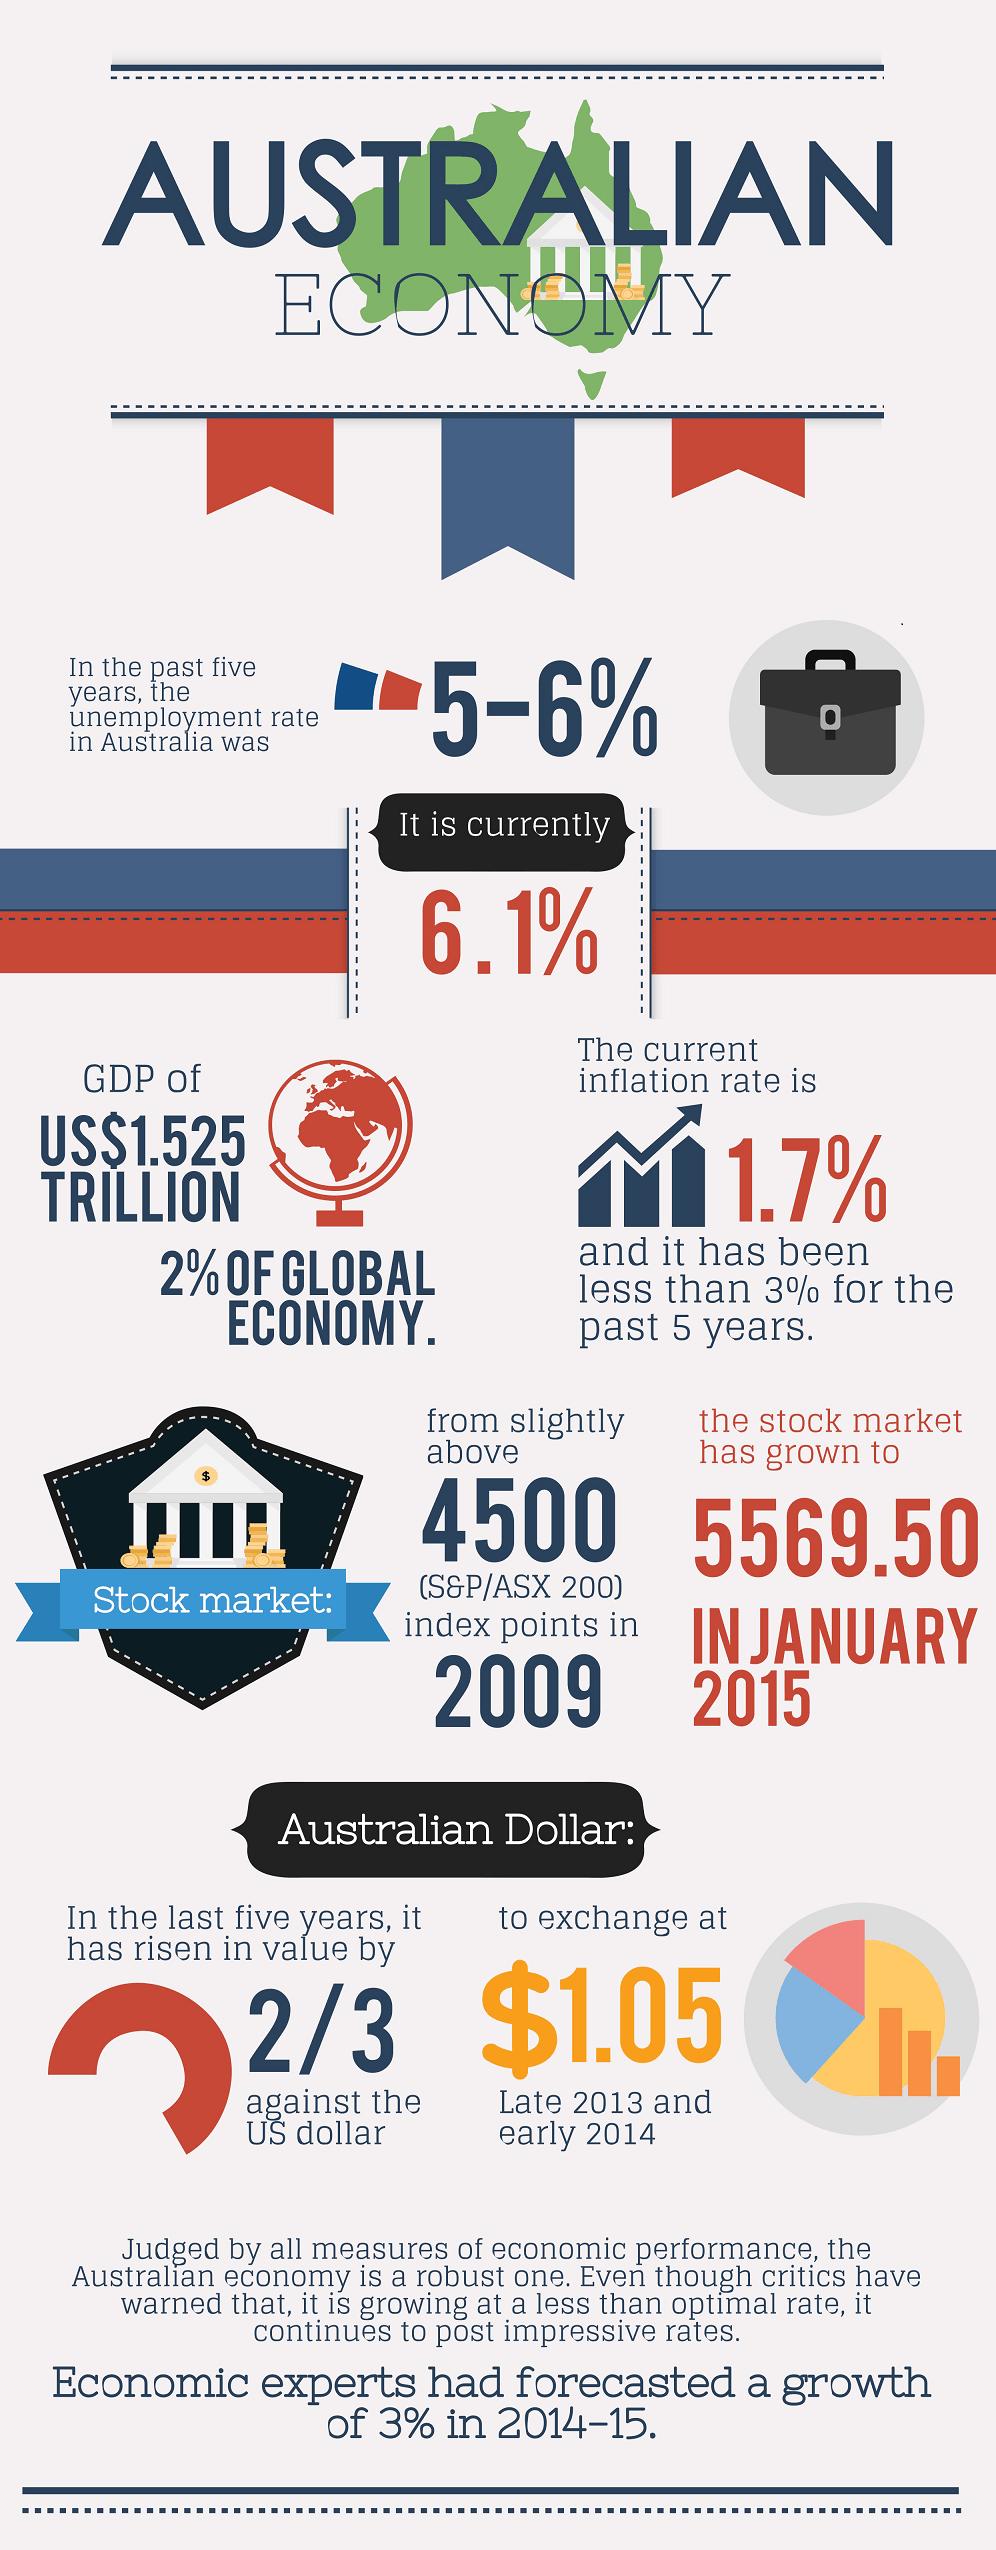 Australian_Economy_Infographic